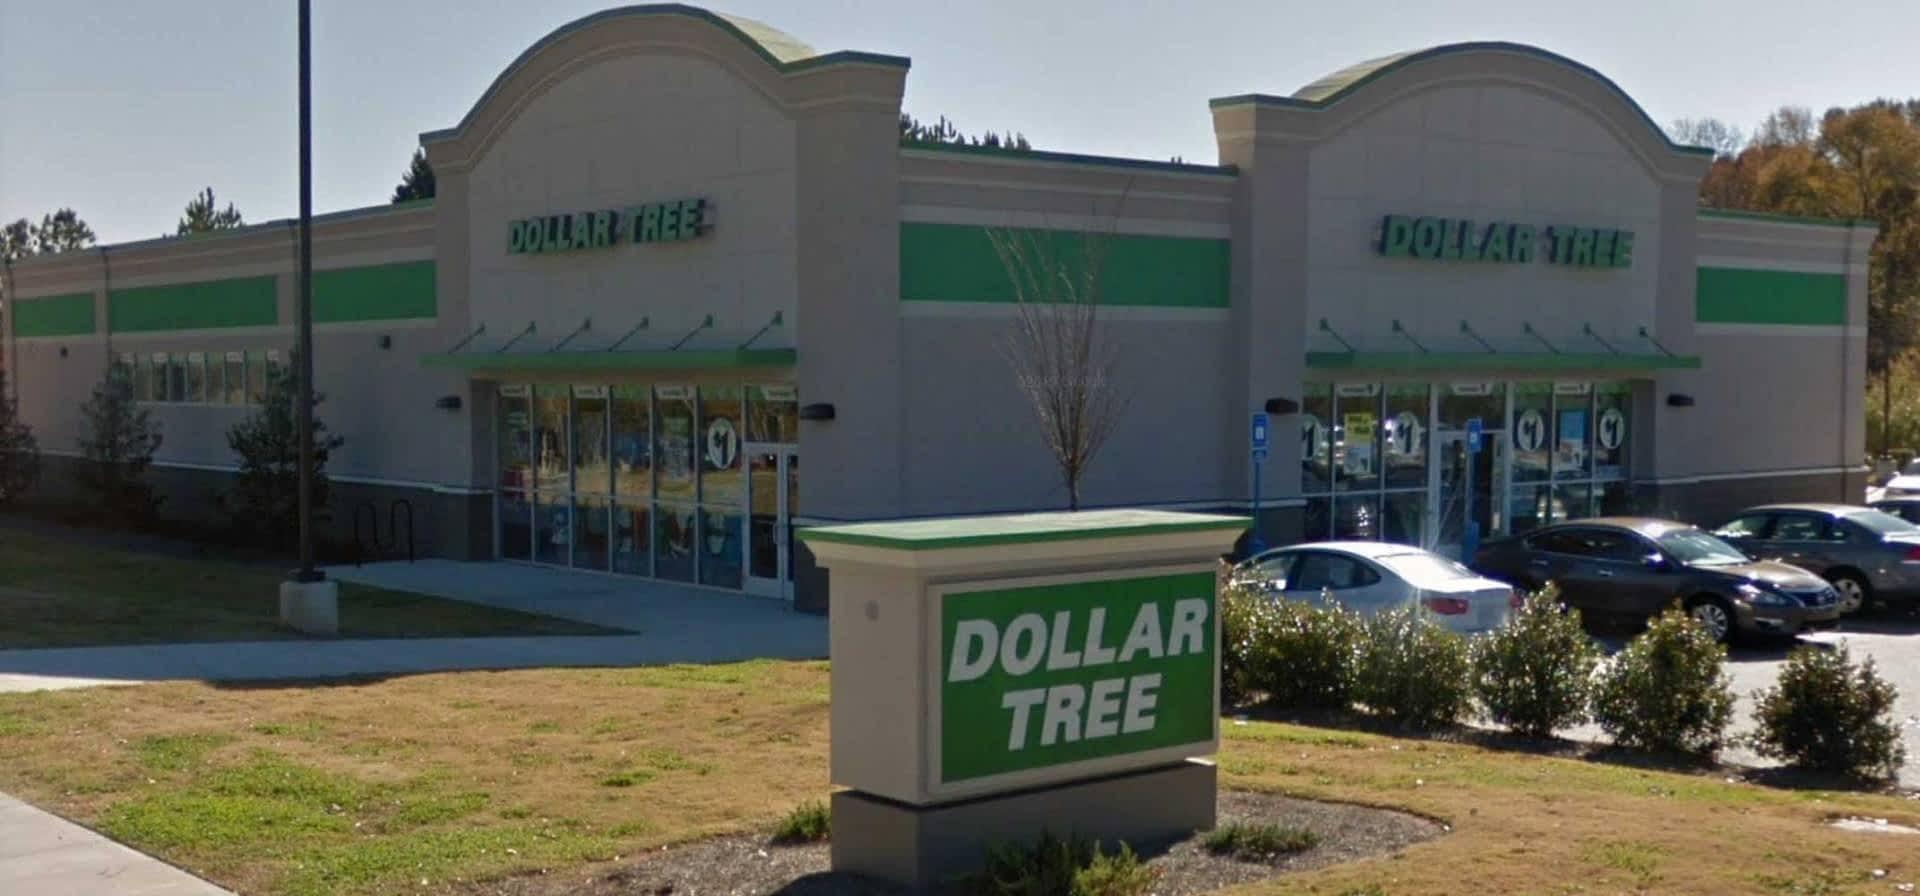 Dollar Tree Athens - Retail Sale - 4410 Lexington Road Athens, GA 30605